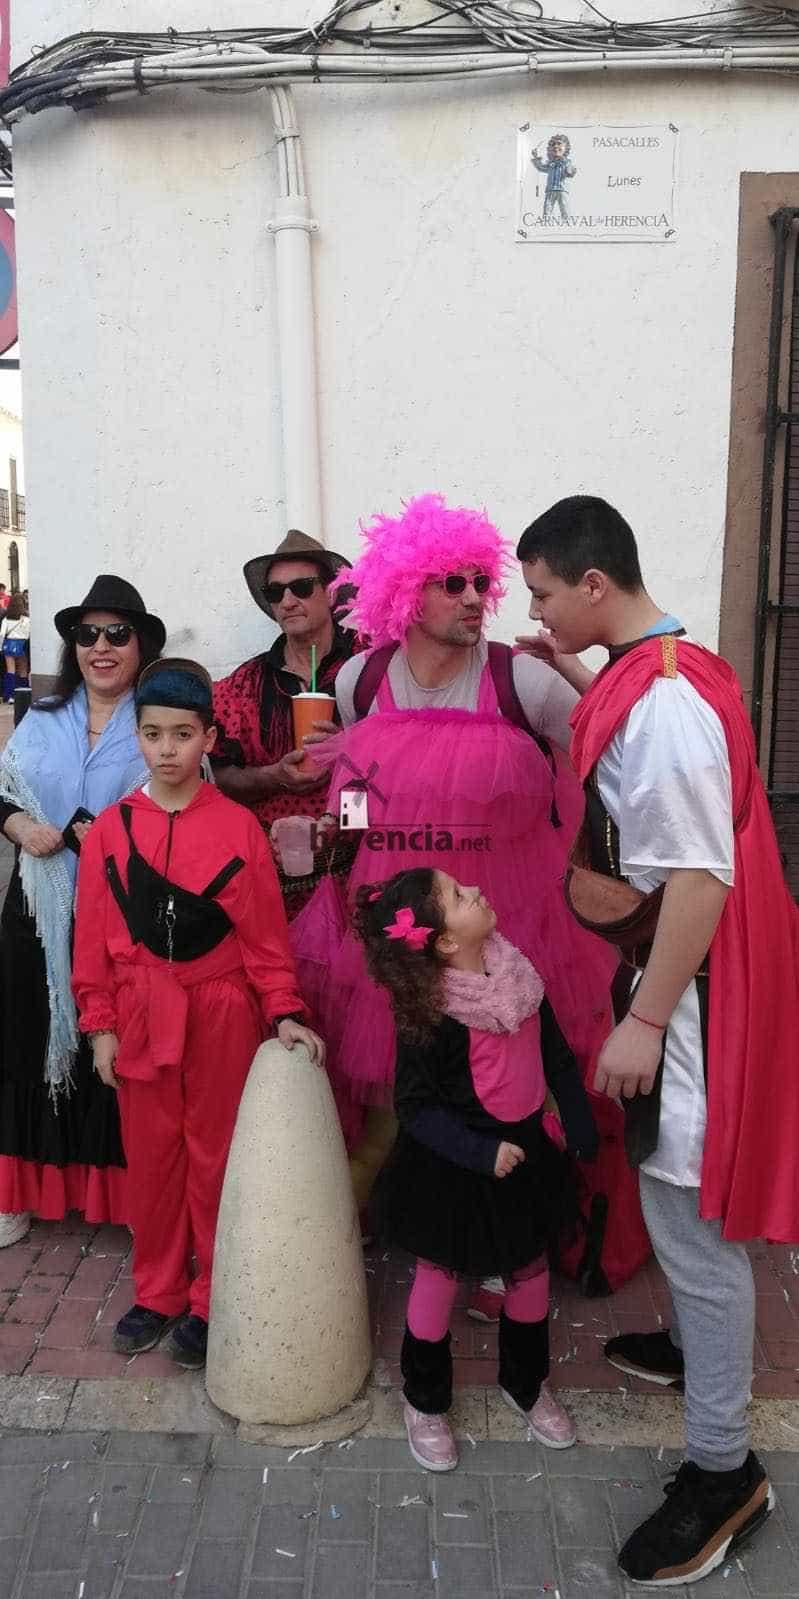 El Domingo de las Deseosas invita a todo el mundo al Carnaval de Herencia 105